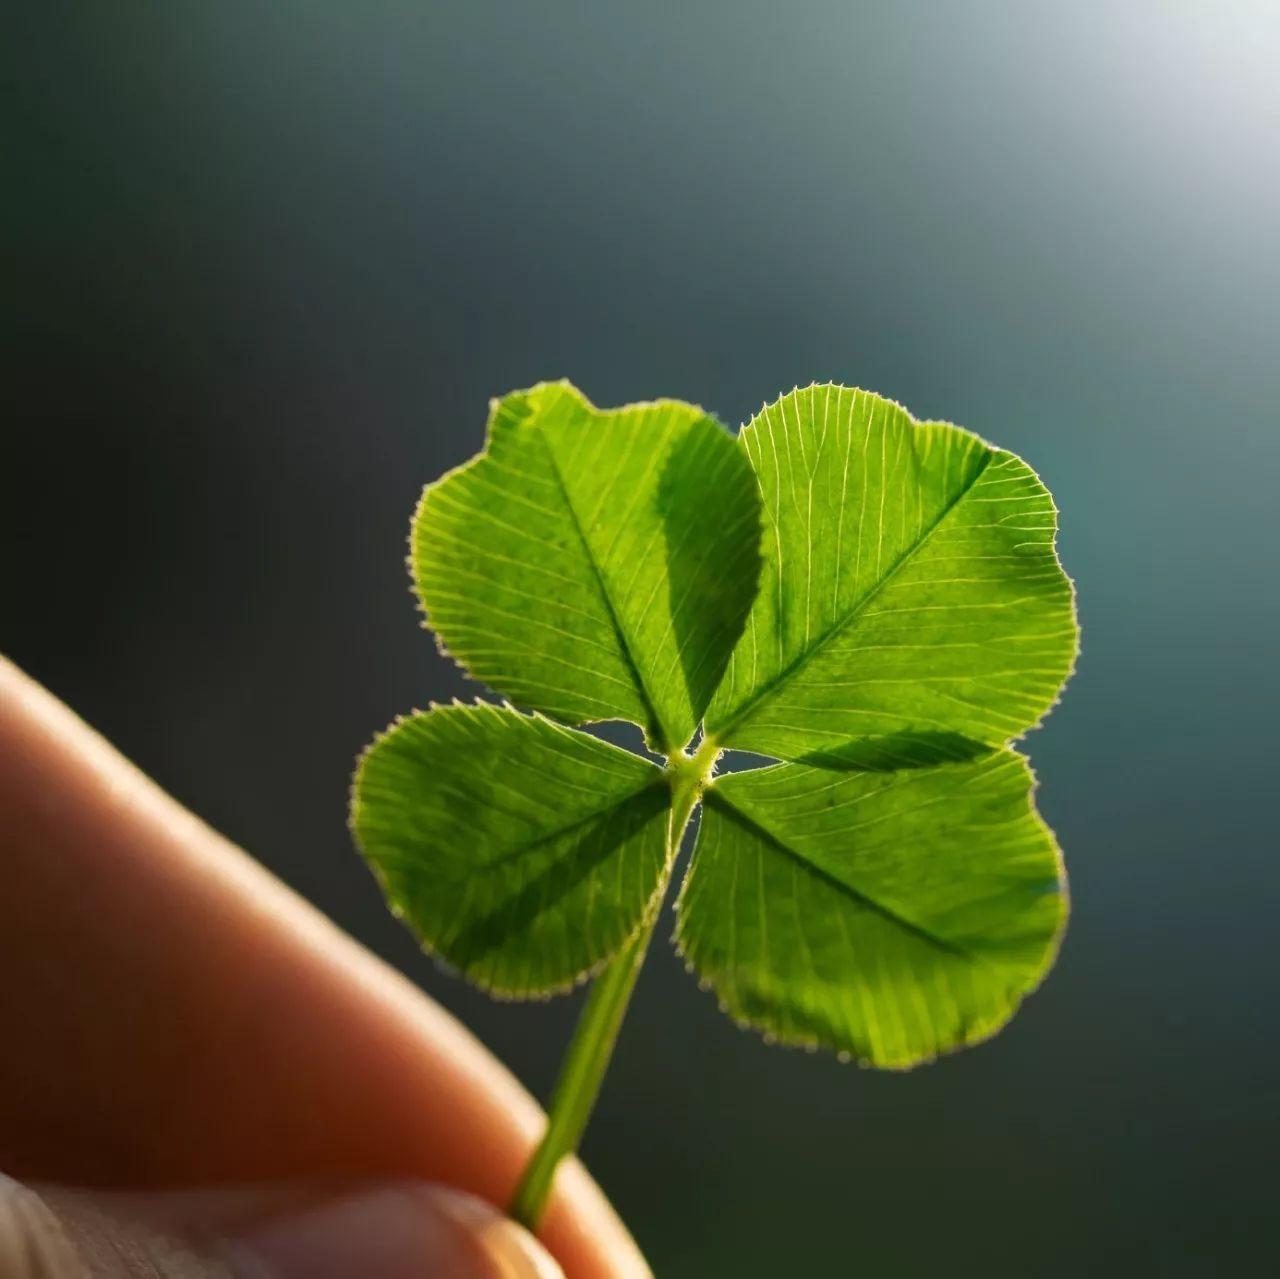 四叶草的每片叶子都代表不同的含义 第一片是健康; 第二片是真爱图片